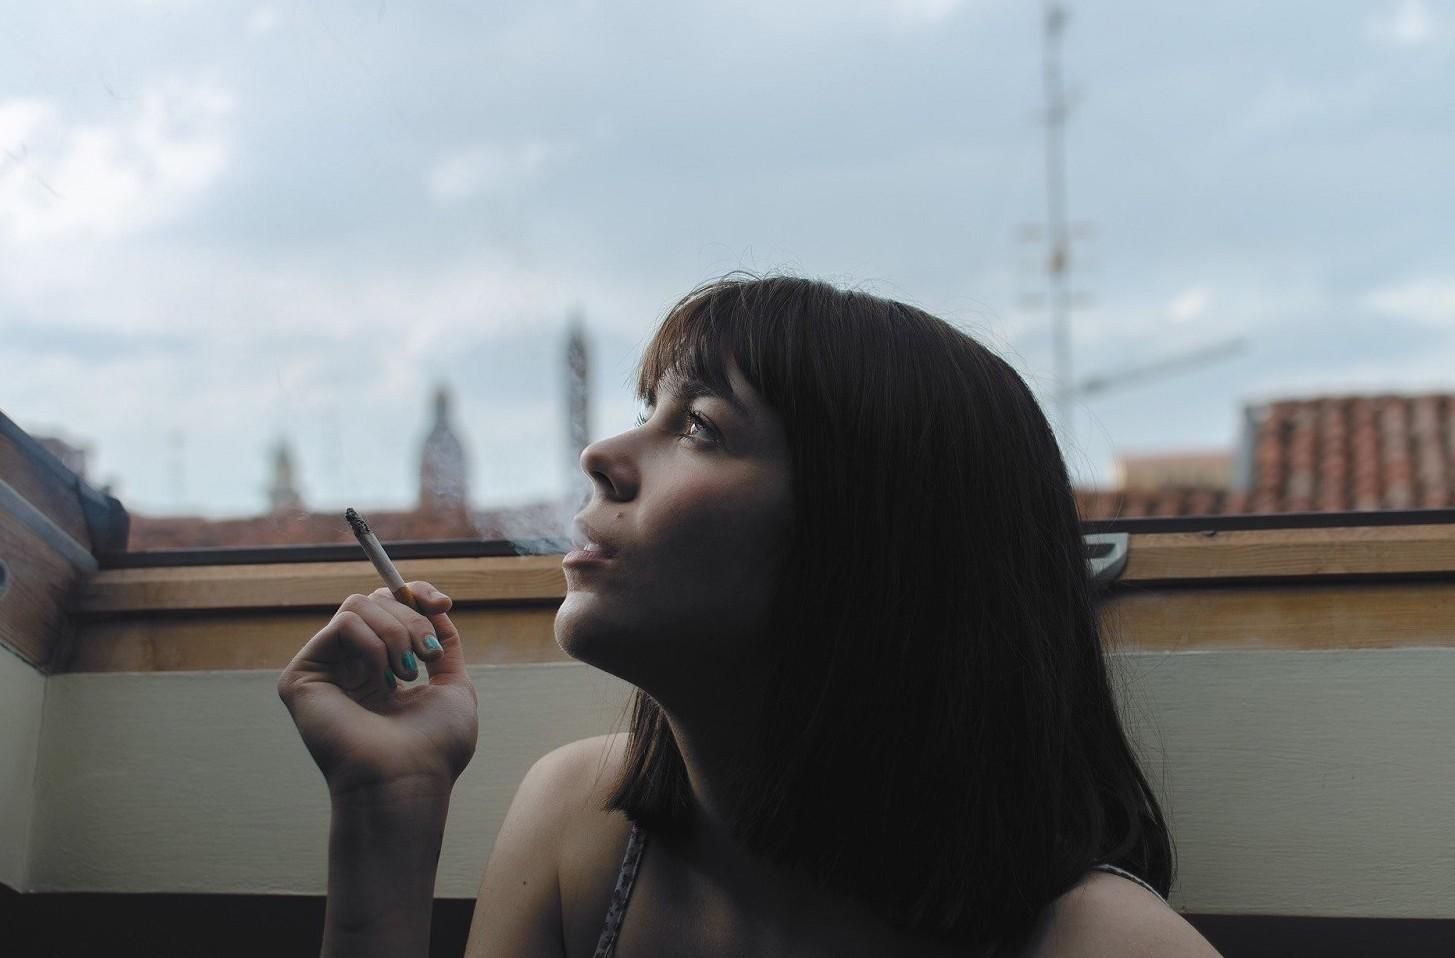 Si può fumare sul balcone o è vietato secondo leggi vigenti attuali